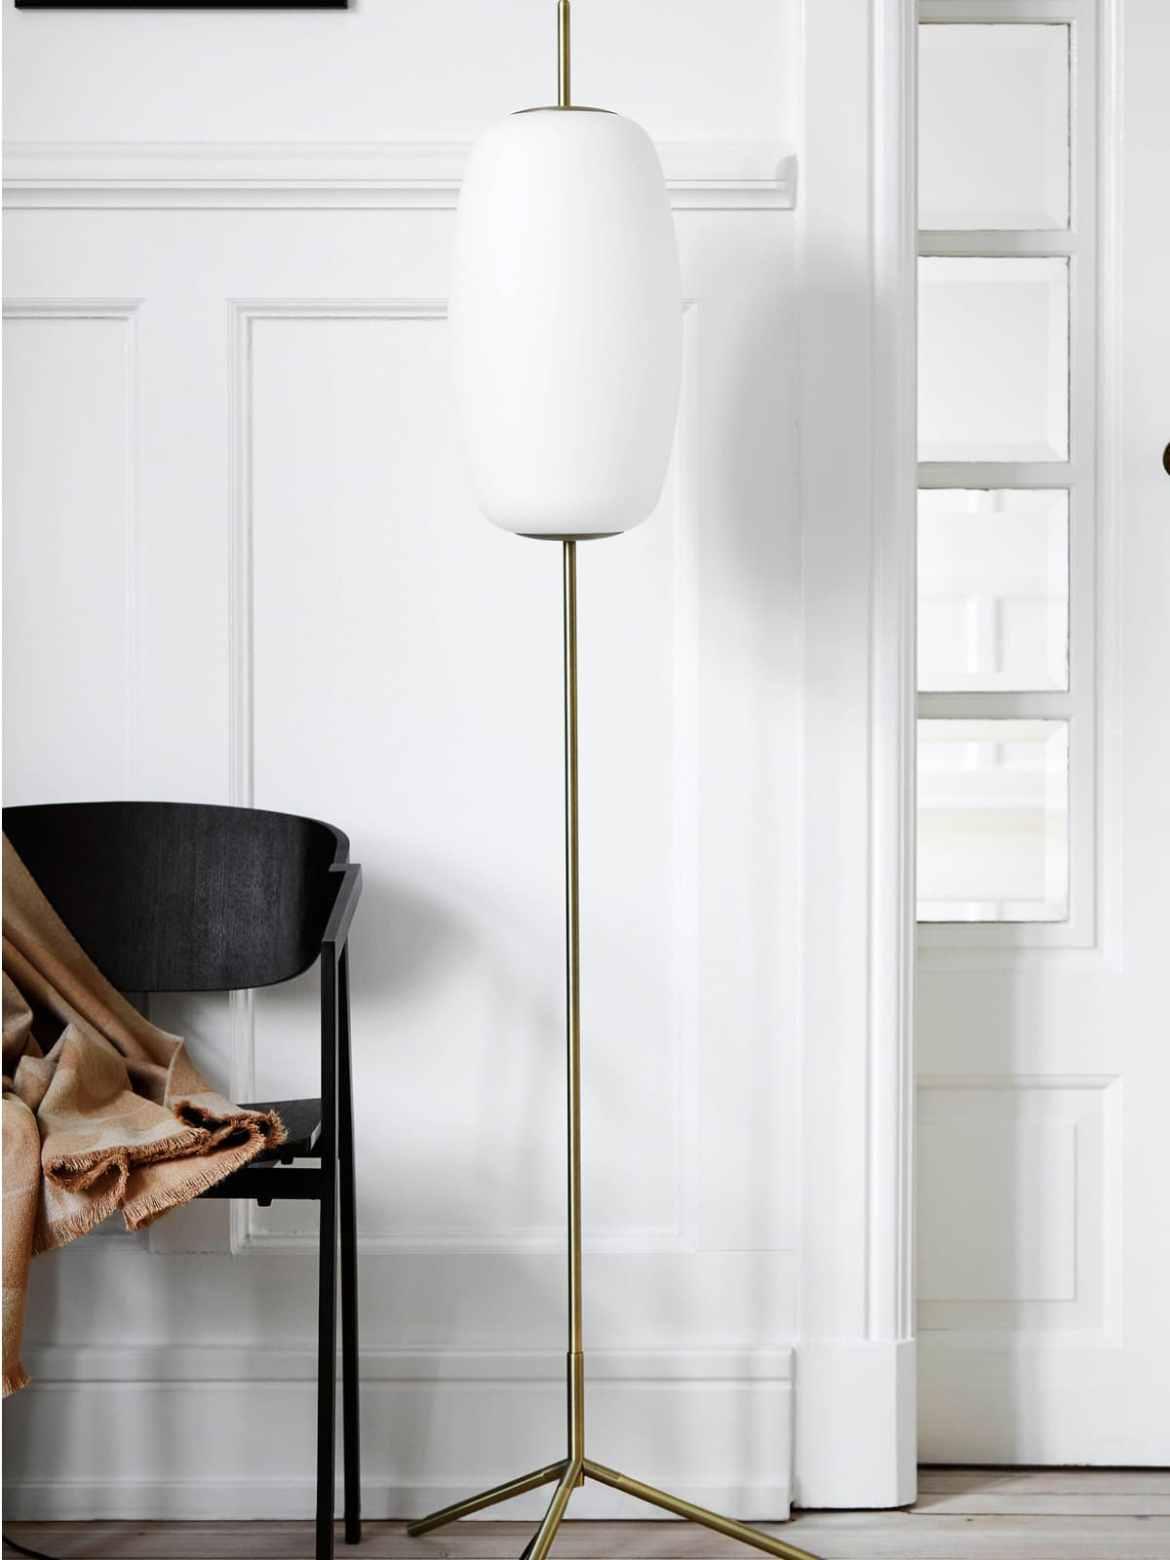 DesignOrt Blog: Neue Stehleuchten bei DesignOrt Frandsen Stehleuchte Silk F Floor